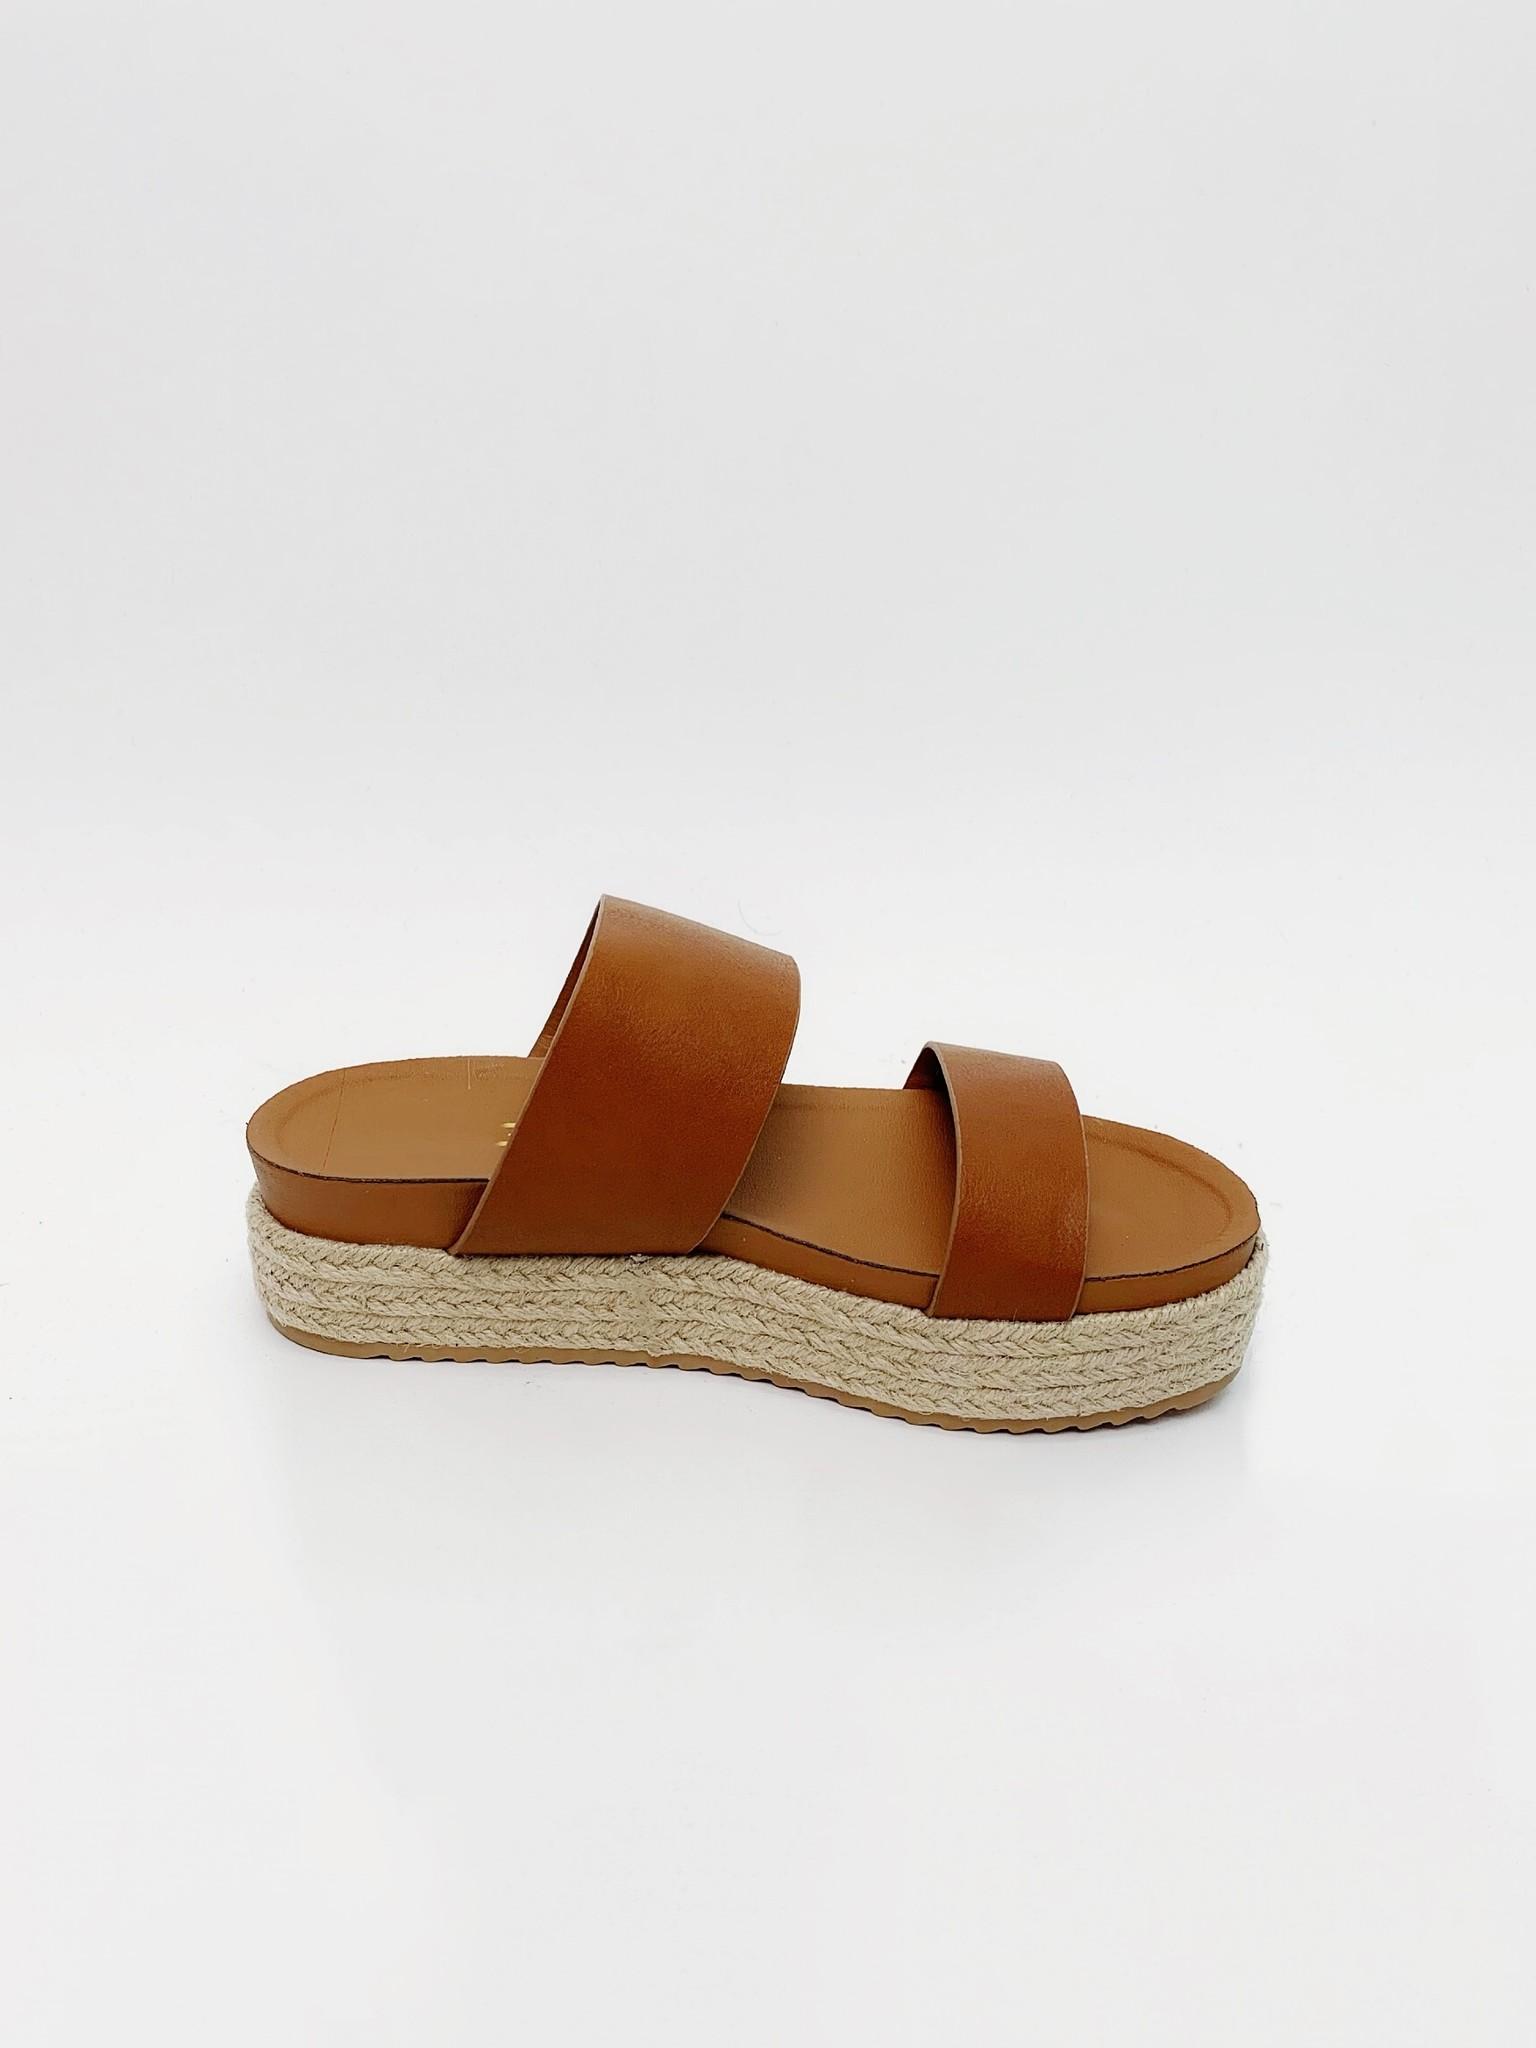 Sandal Brown Jute Platform Slide